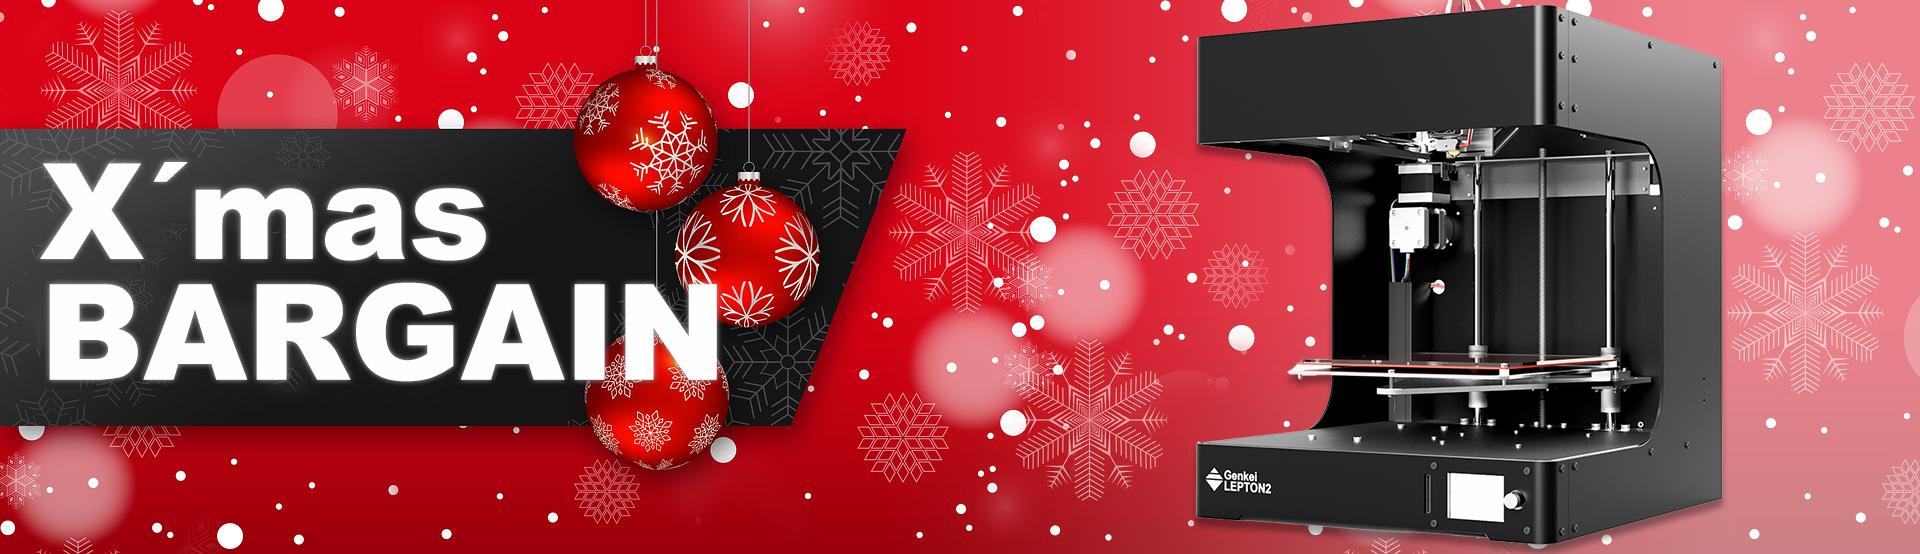 MagnaRectaクリスマスセール プレゼント企画の残りのご案内!! と、年末年始休暇のお知らせ☆